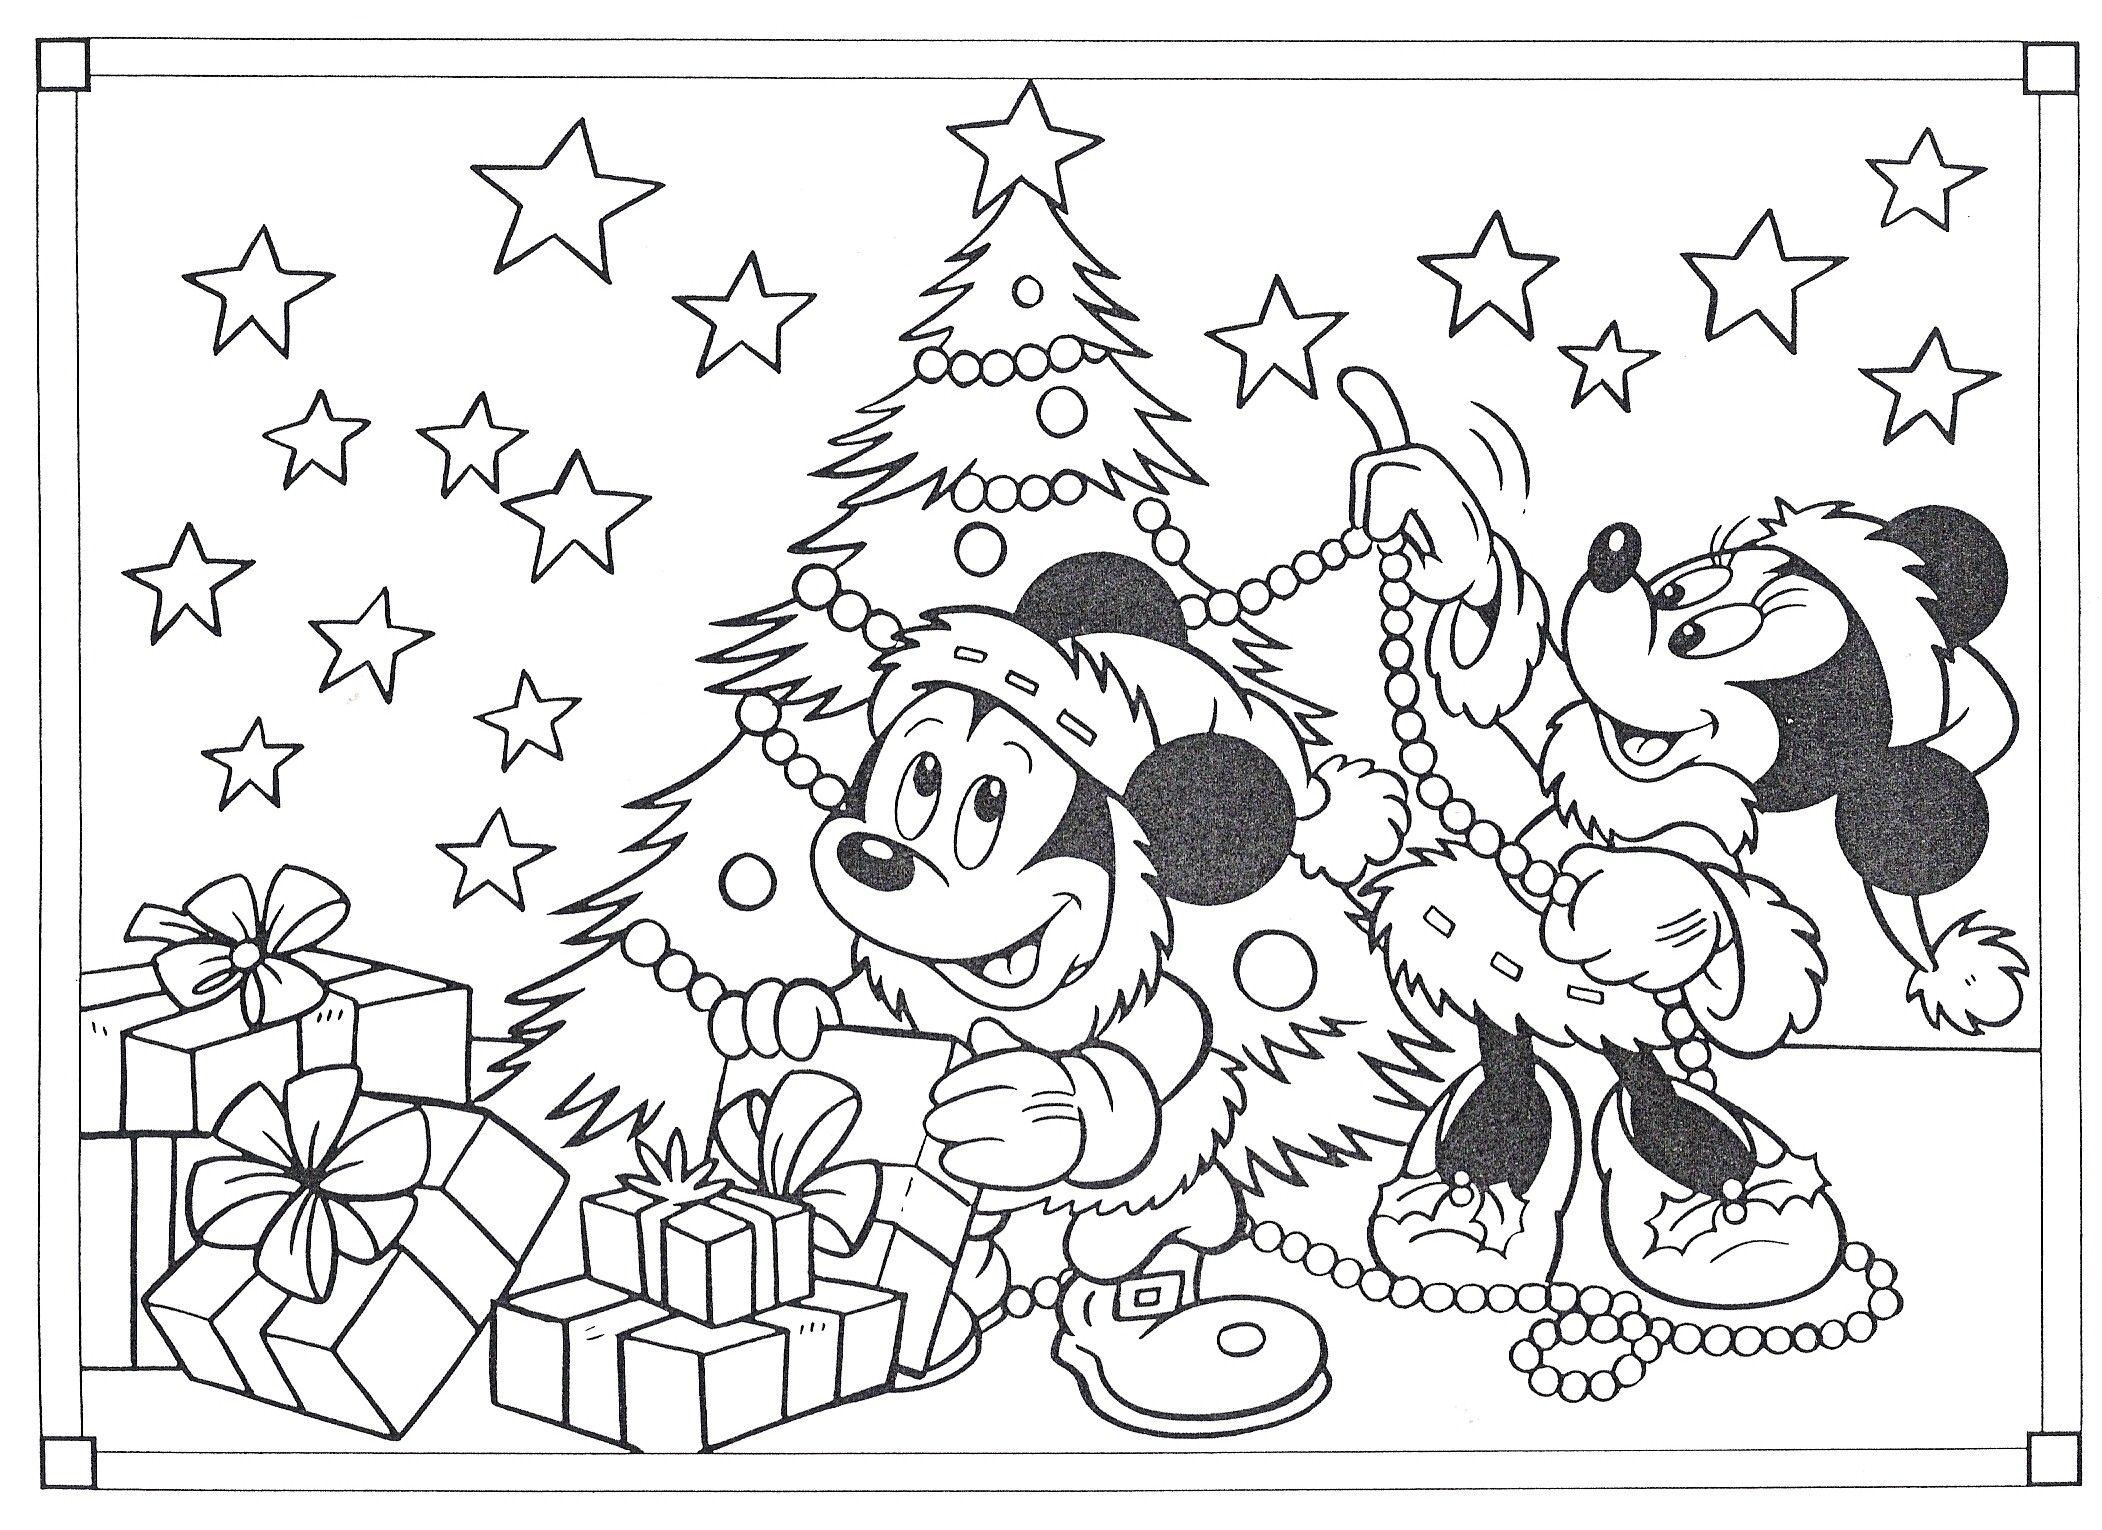 Kerststal Figuren Kleurplaten.Best Of Kleurplaten Nieuwjaar En Kerstmis Kleurplaten